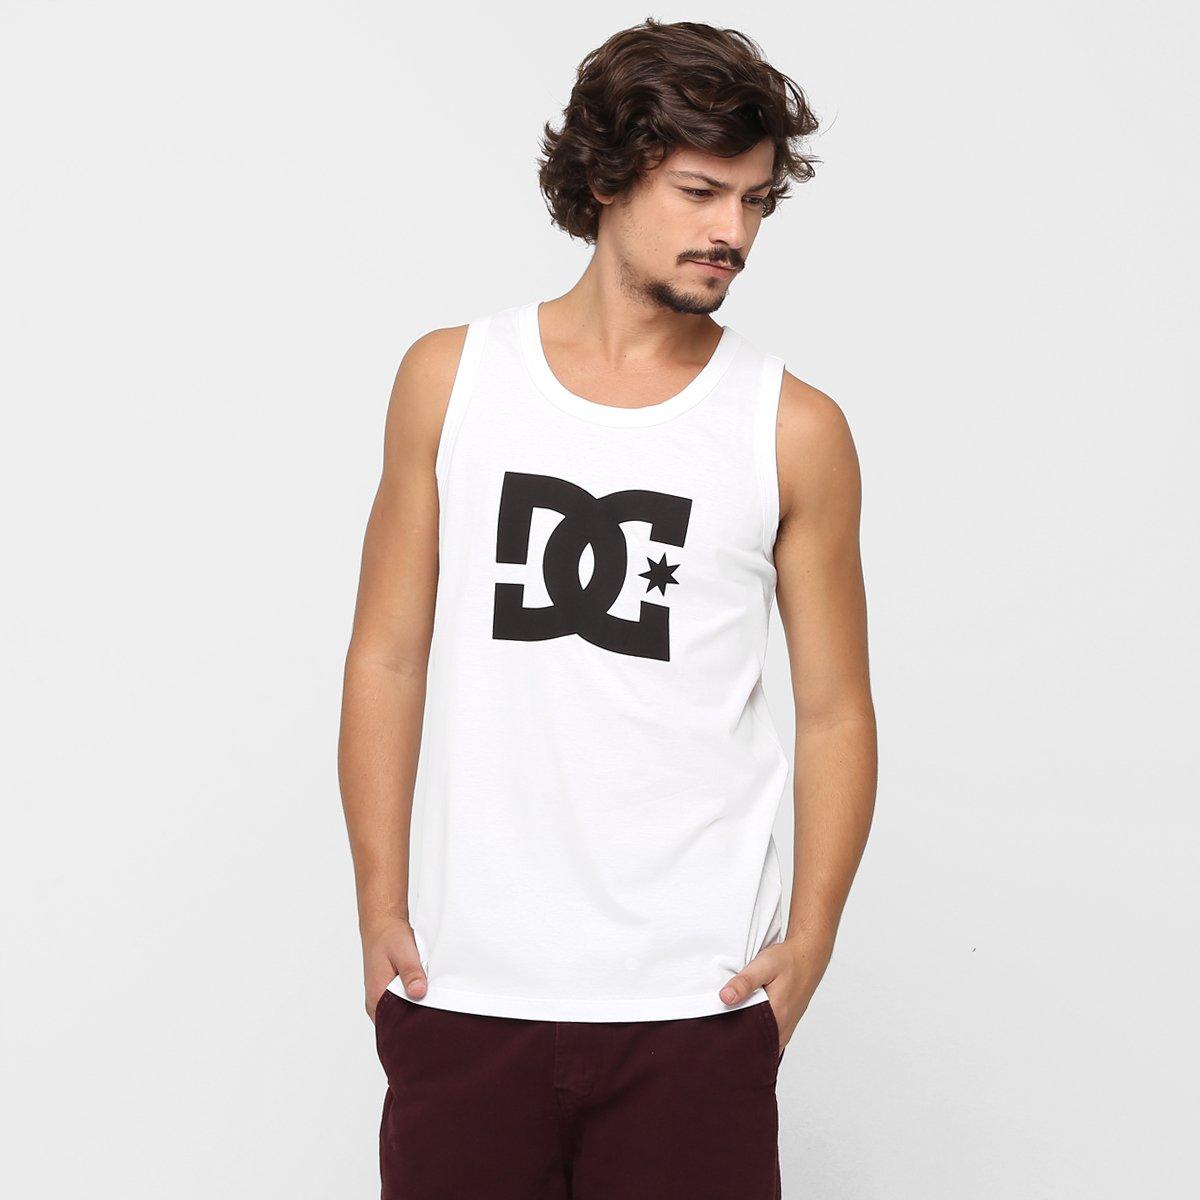 Camiseta Regata DC Shoes Básica Star - Compre Agora  d7dbde77c3c